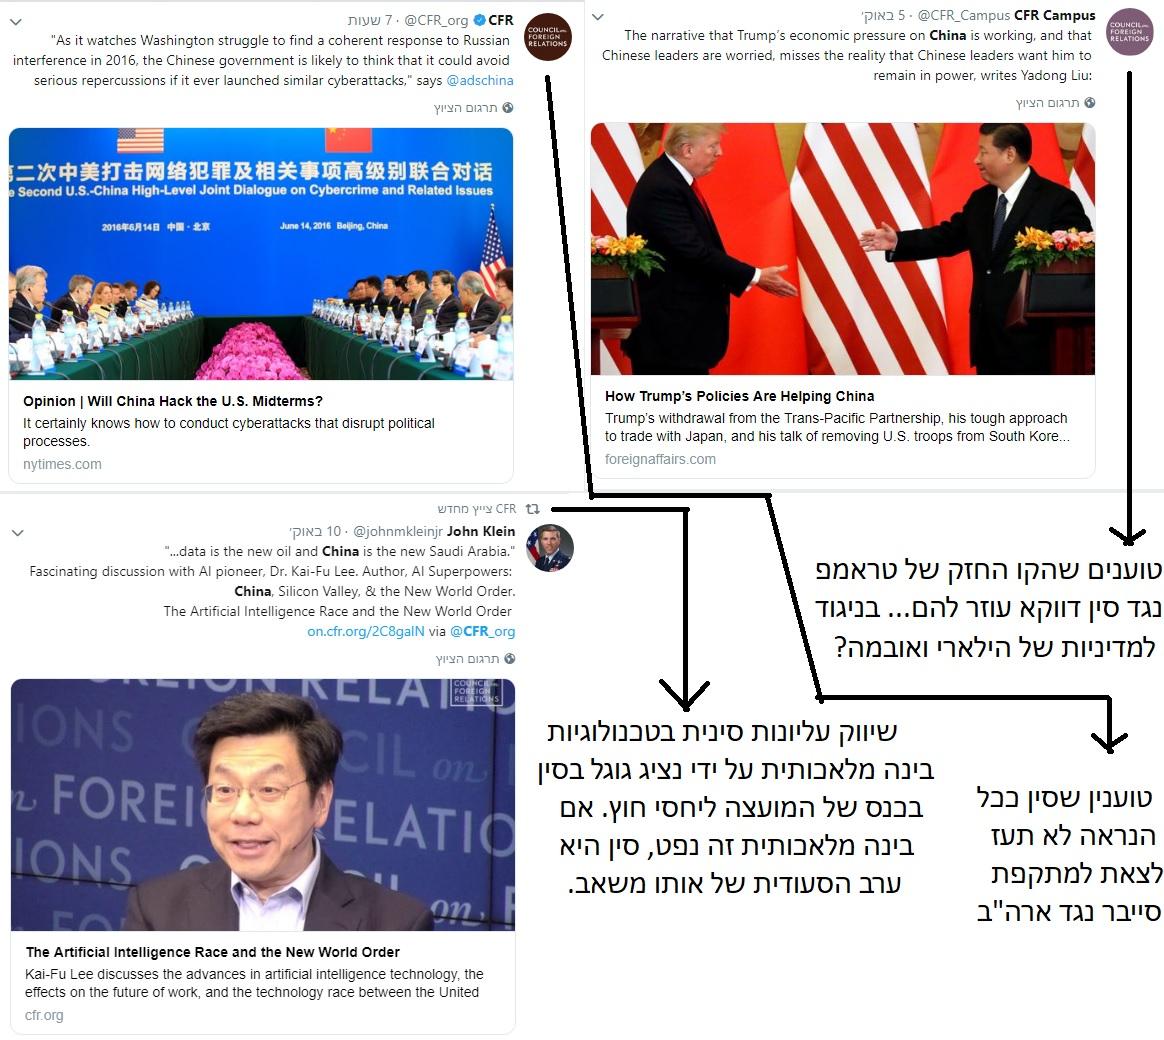 המועצה ליחסי חוץ CFR סין